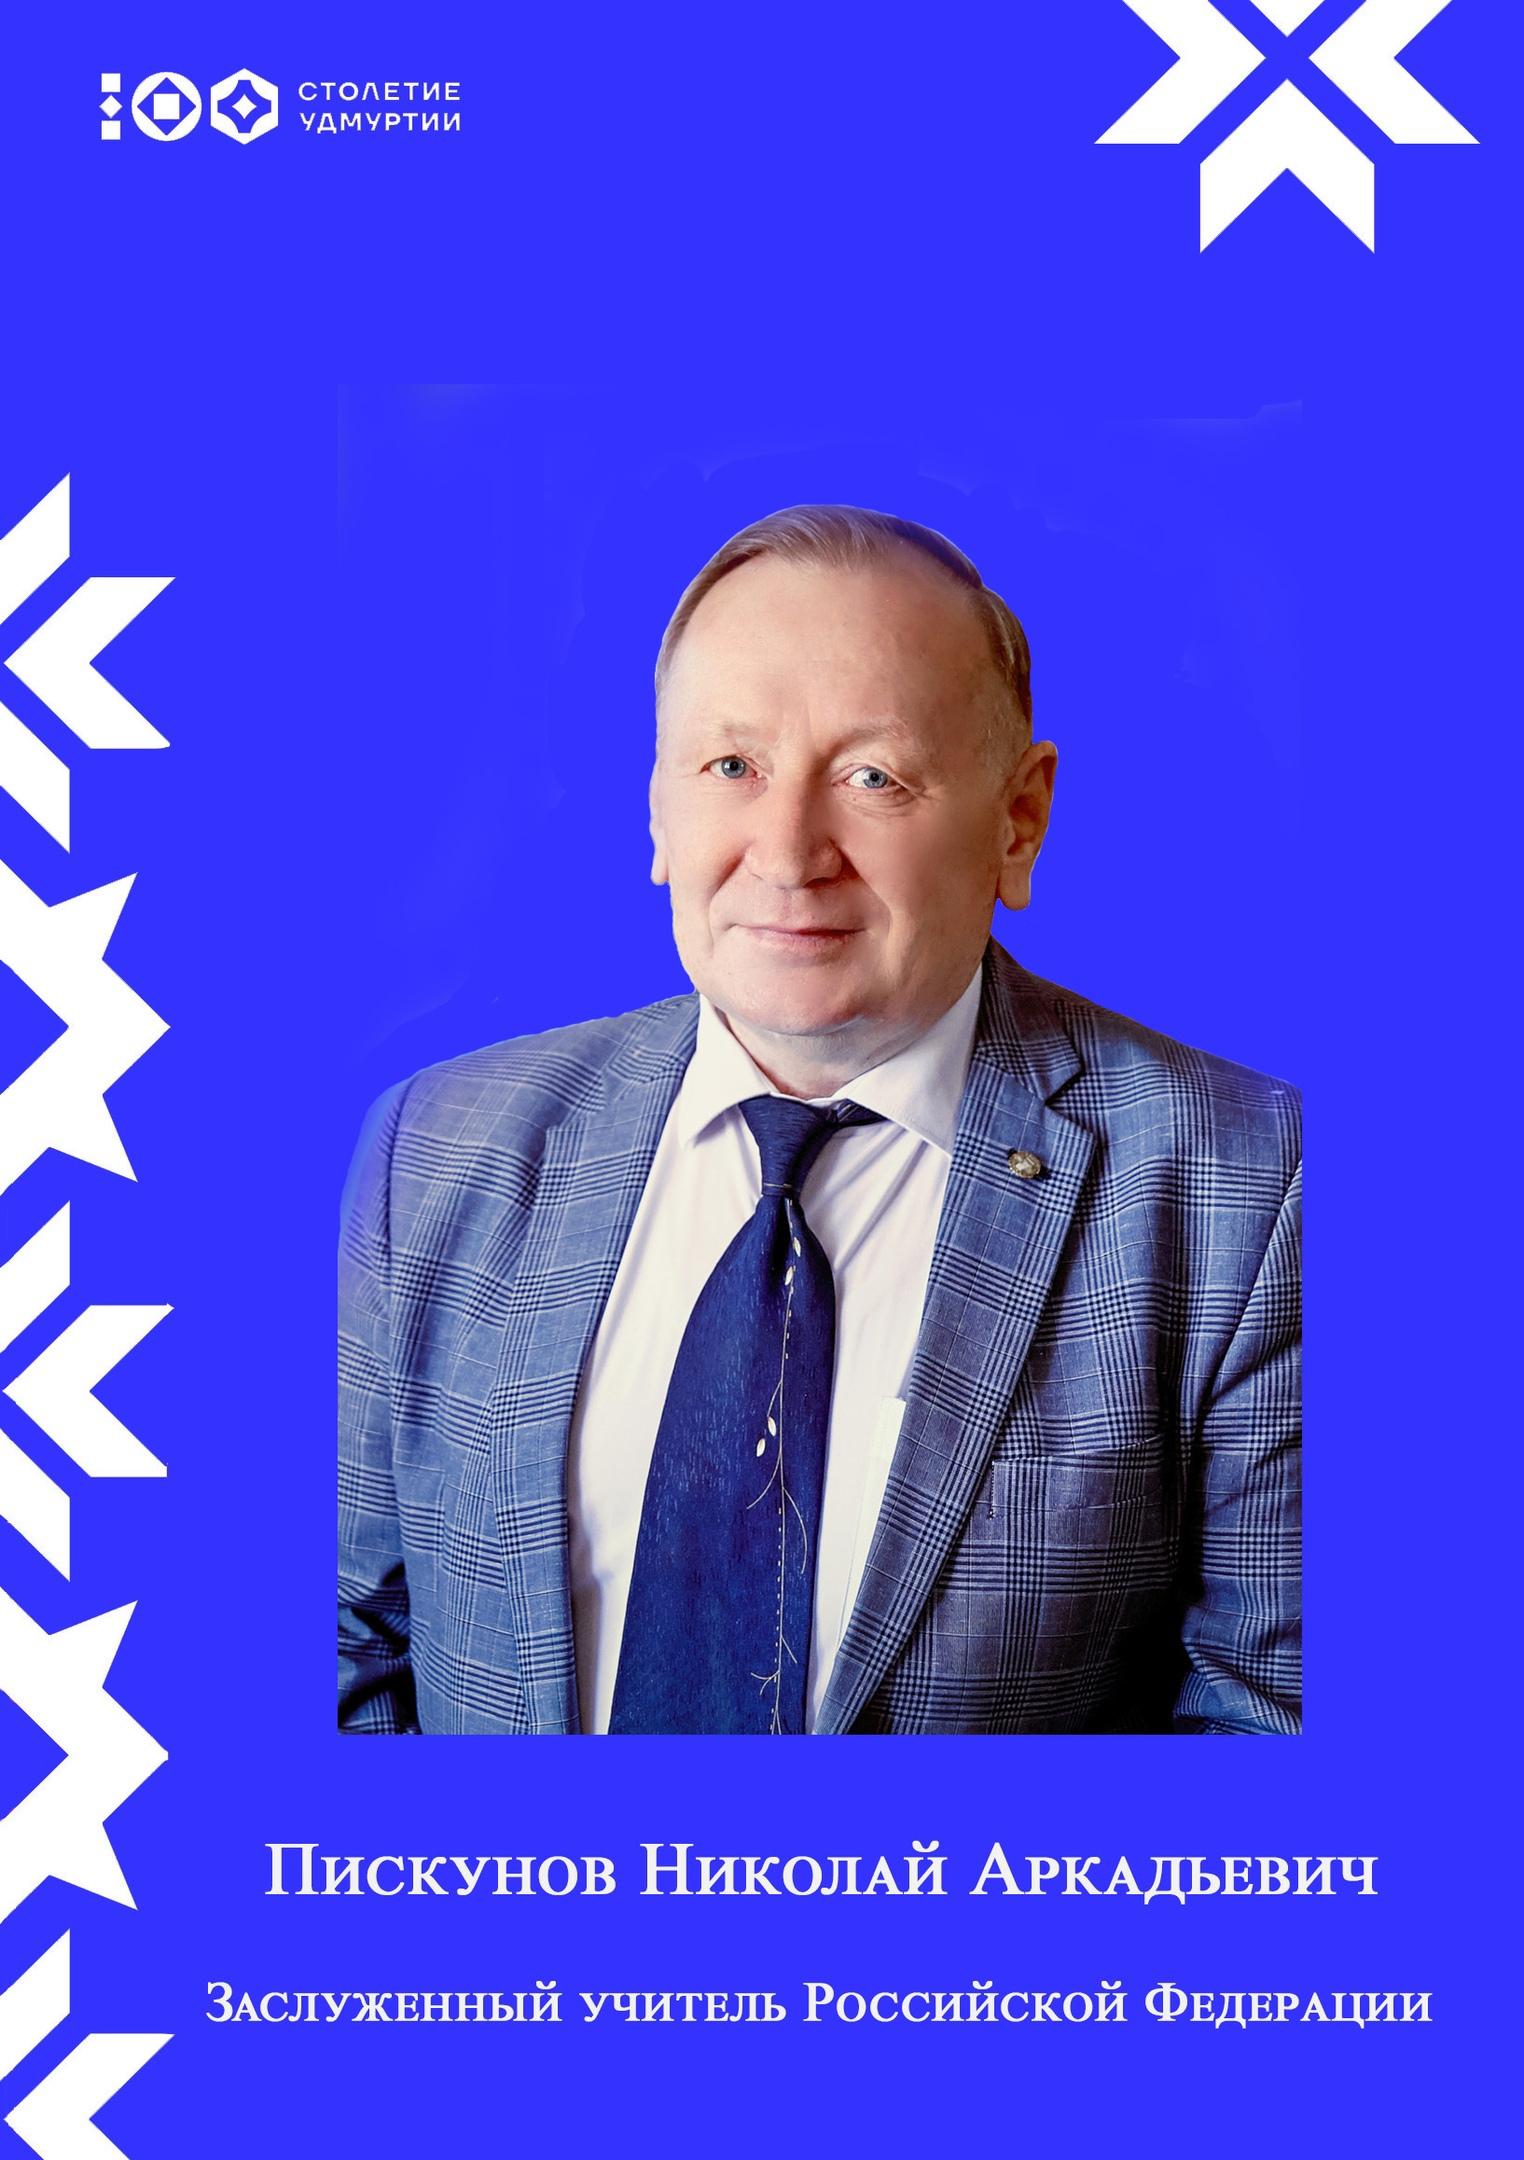 ✅Пискунов Николай Аркадьевич #100 знаменитых личностей Можга